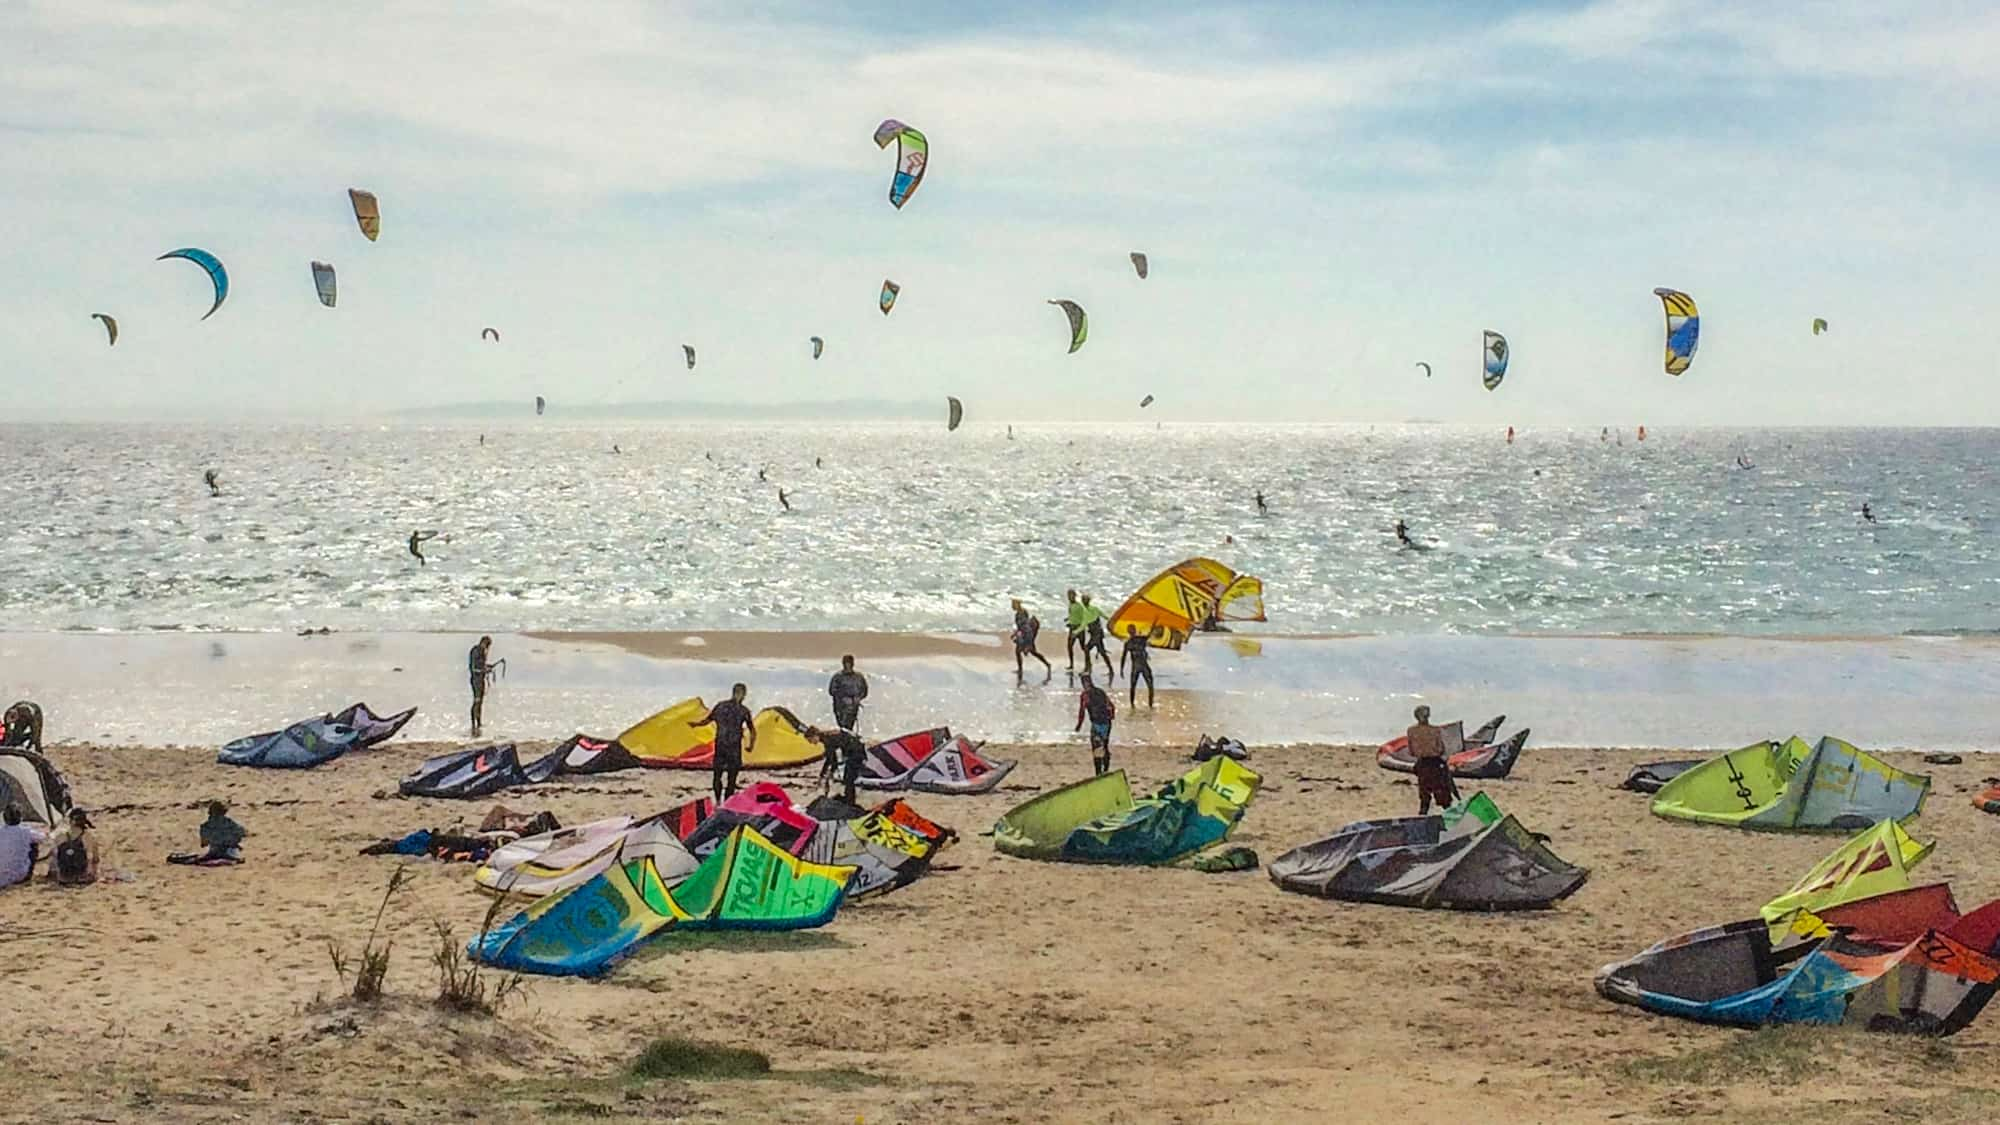 Kites in Tarifa